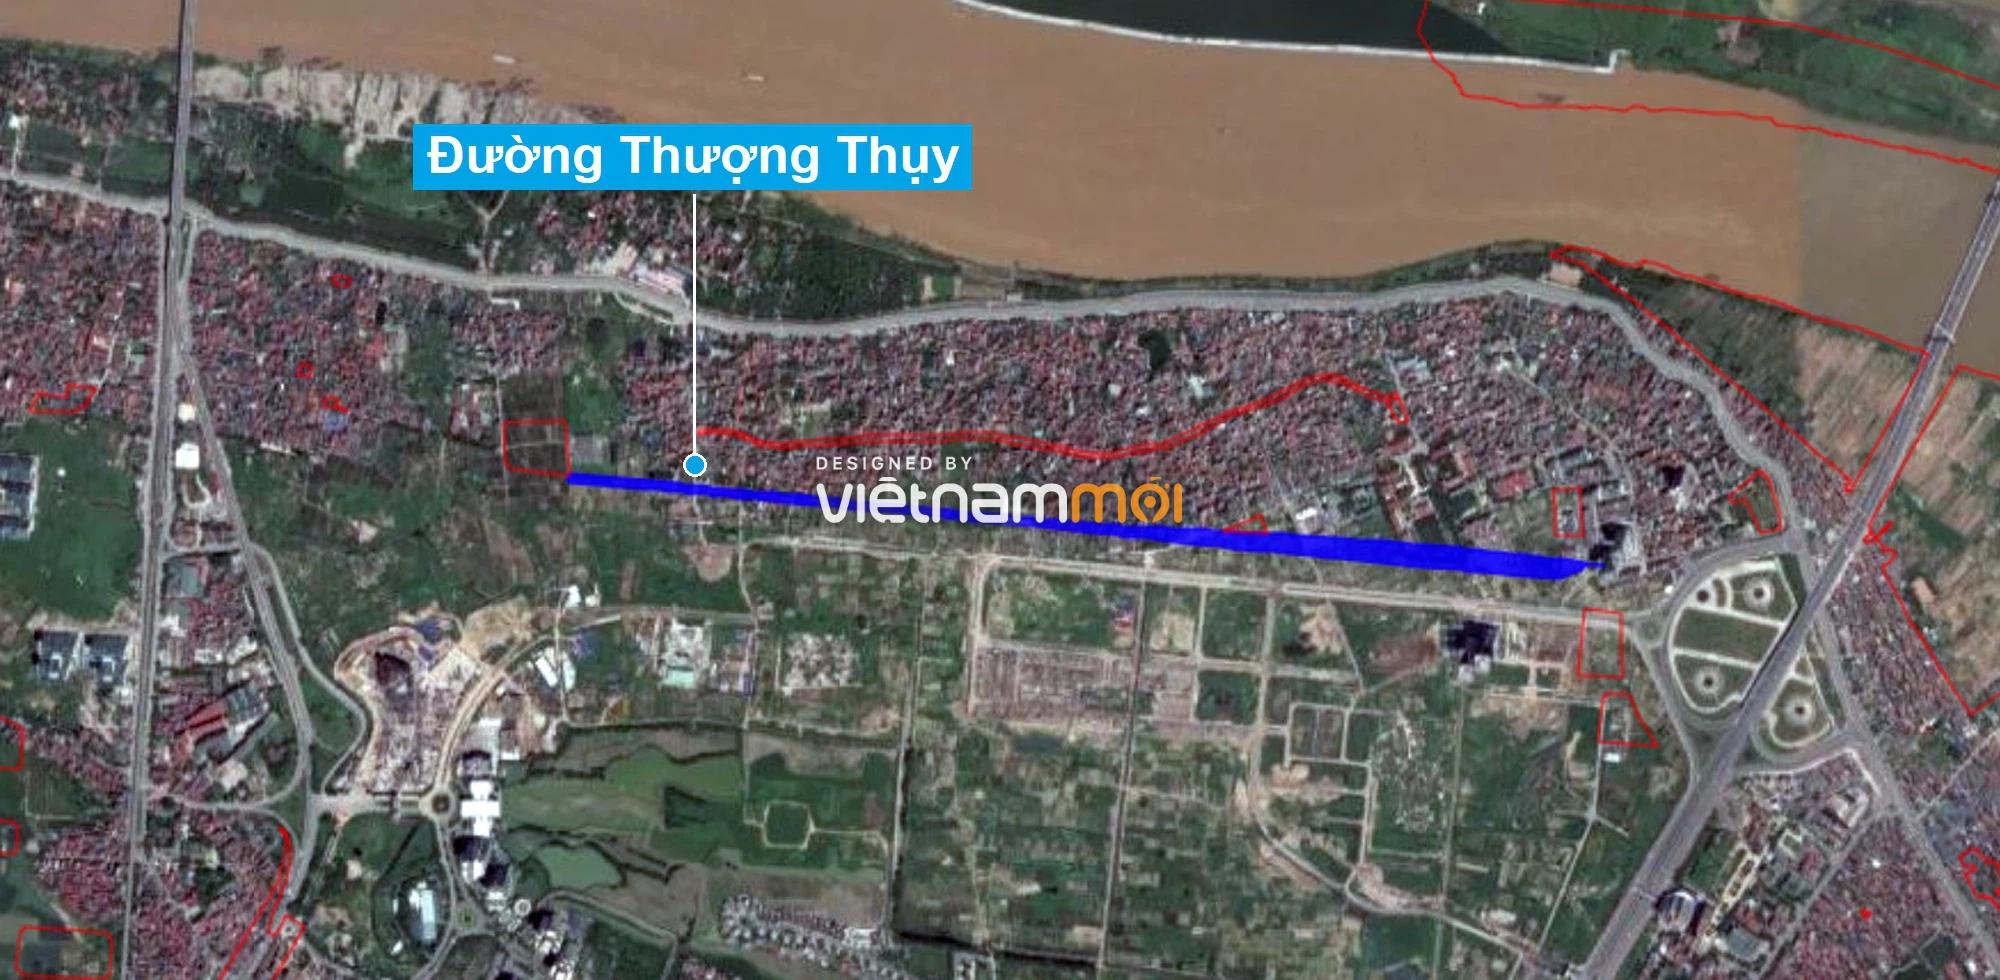 Những khu đất sắp thu hồi để mở đường ở quận Tây Hồ, Hà Nội (phần 3) - Ảnh 7.